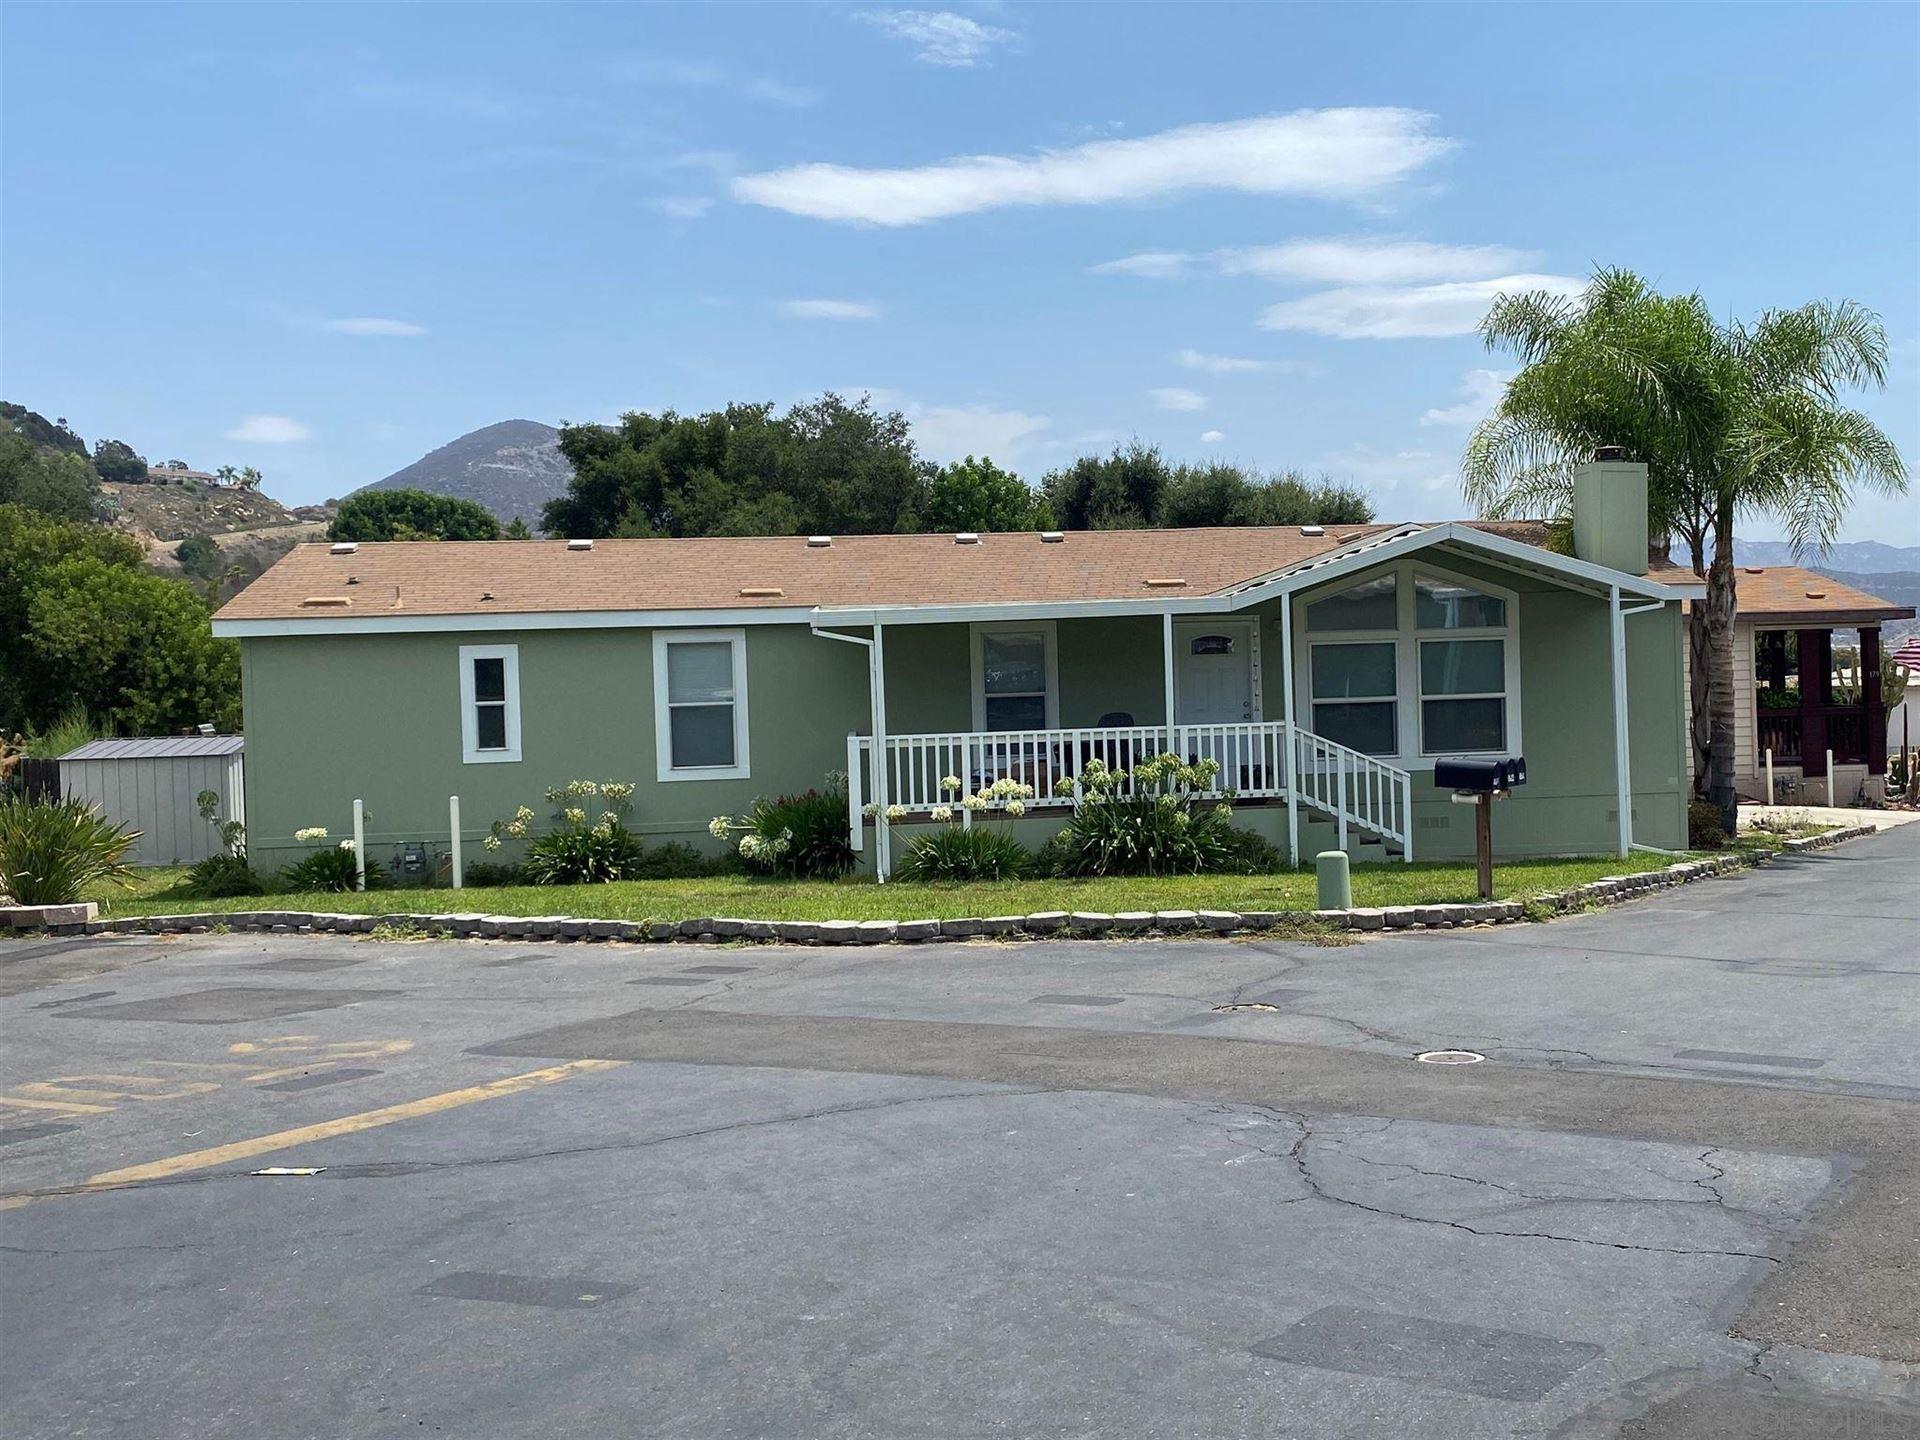 Photo of 3909 Reche Rd #179A, Fallbrook, CA 92028 (MLS # 210021176)